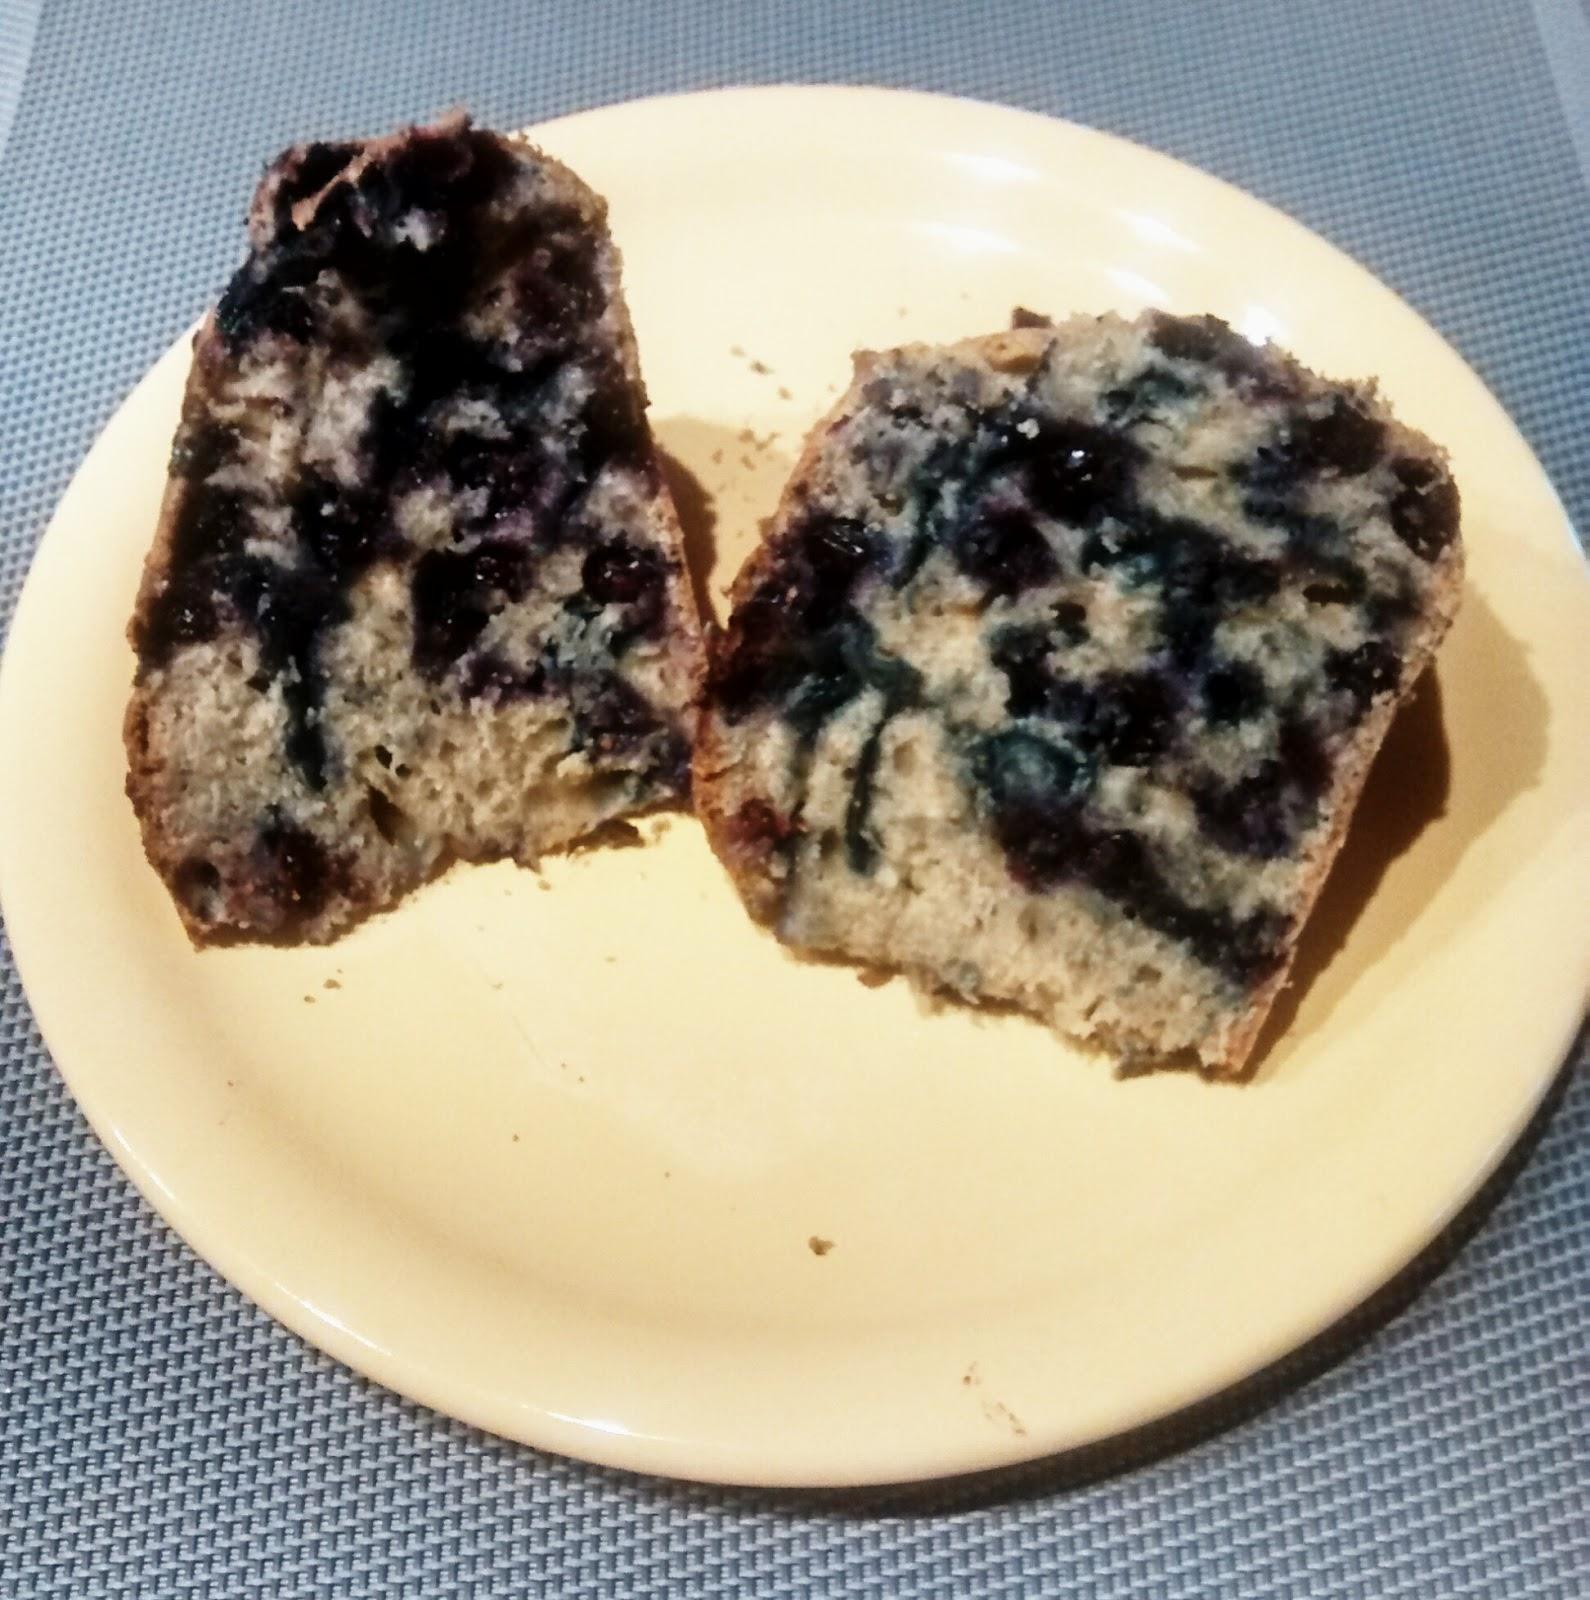 P te gourmandises g teau aux myrtilles sans sucre - Mesurer sucre sans balance ...